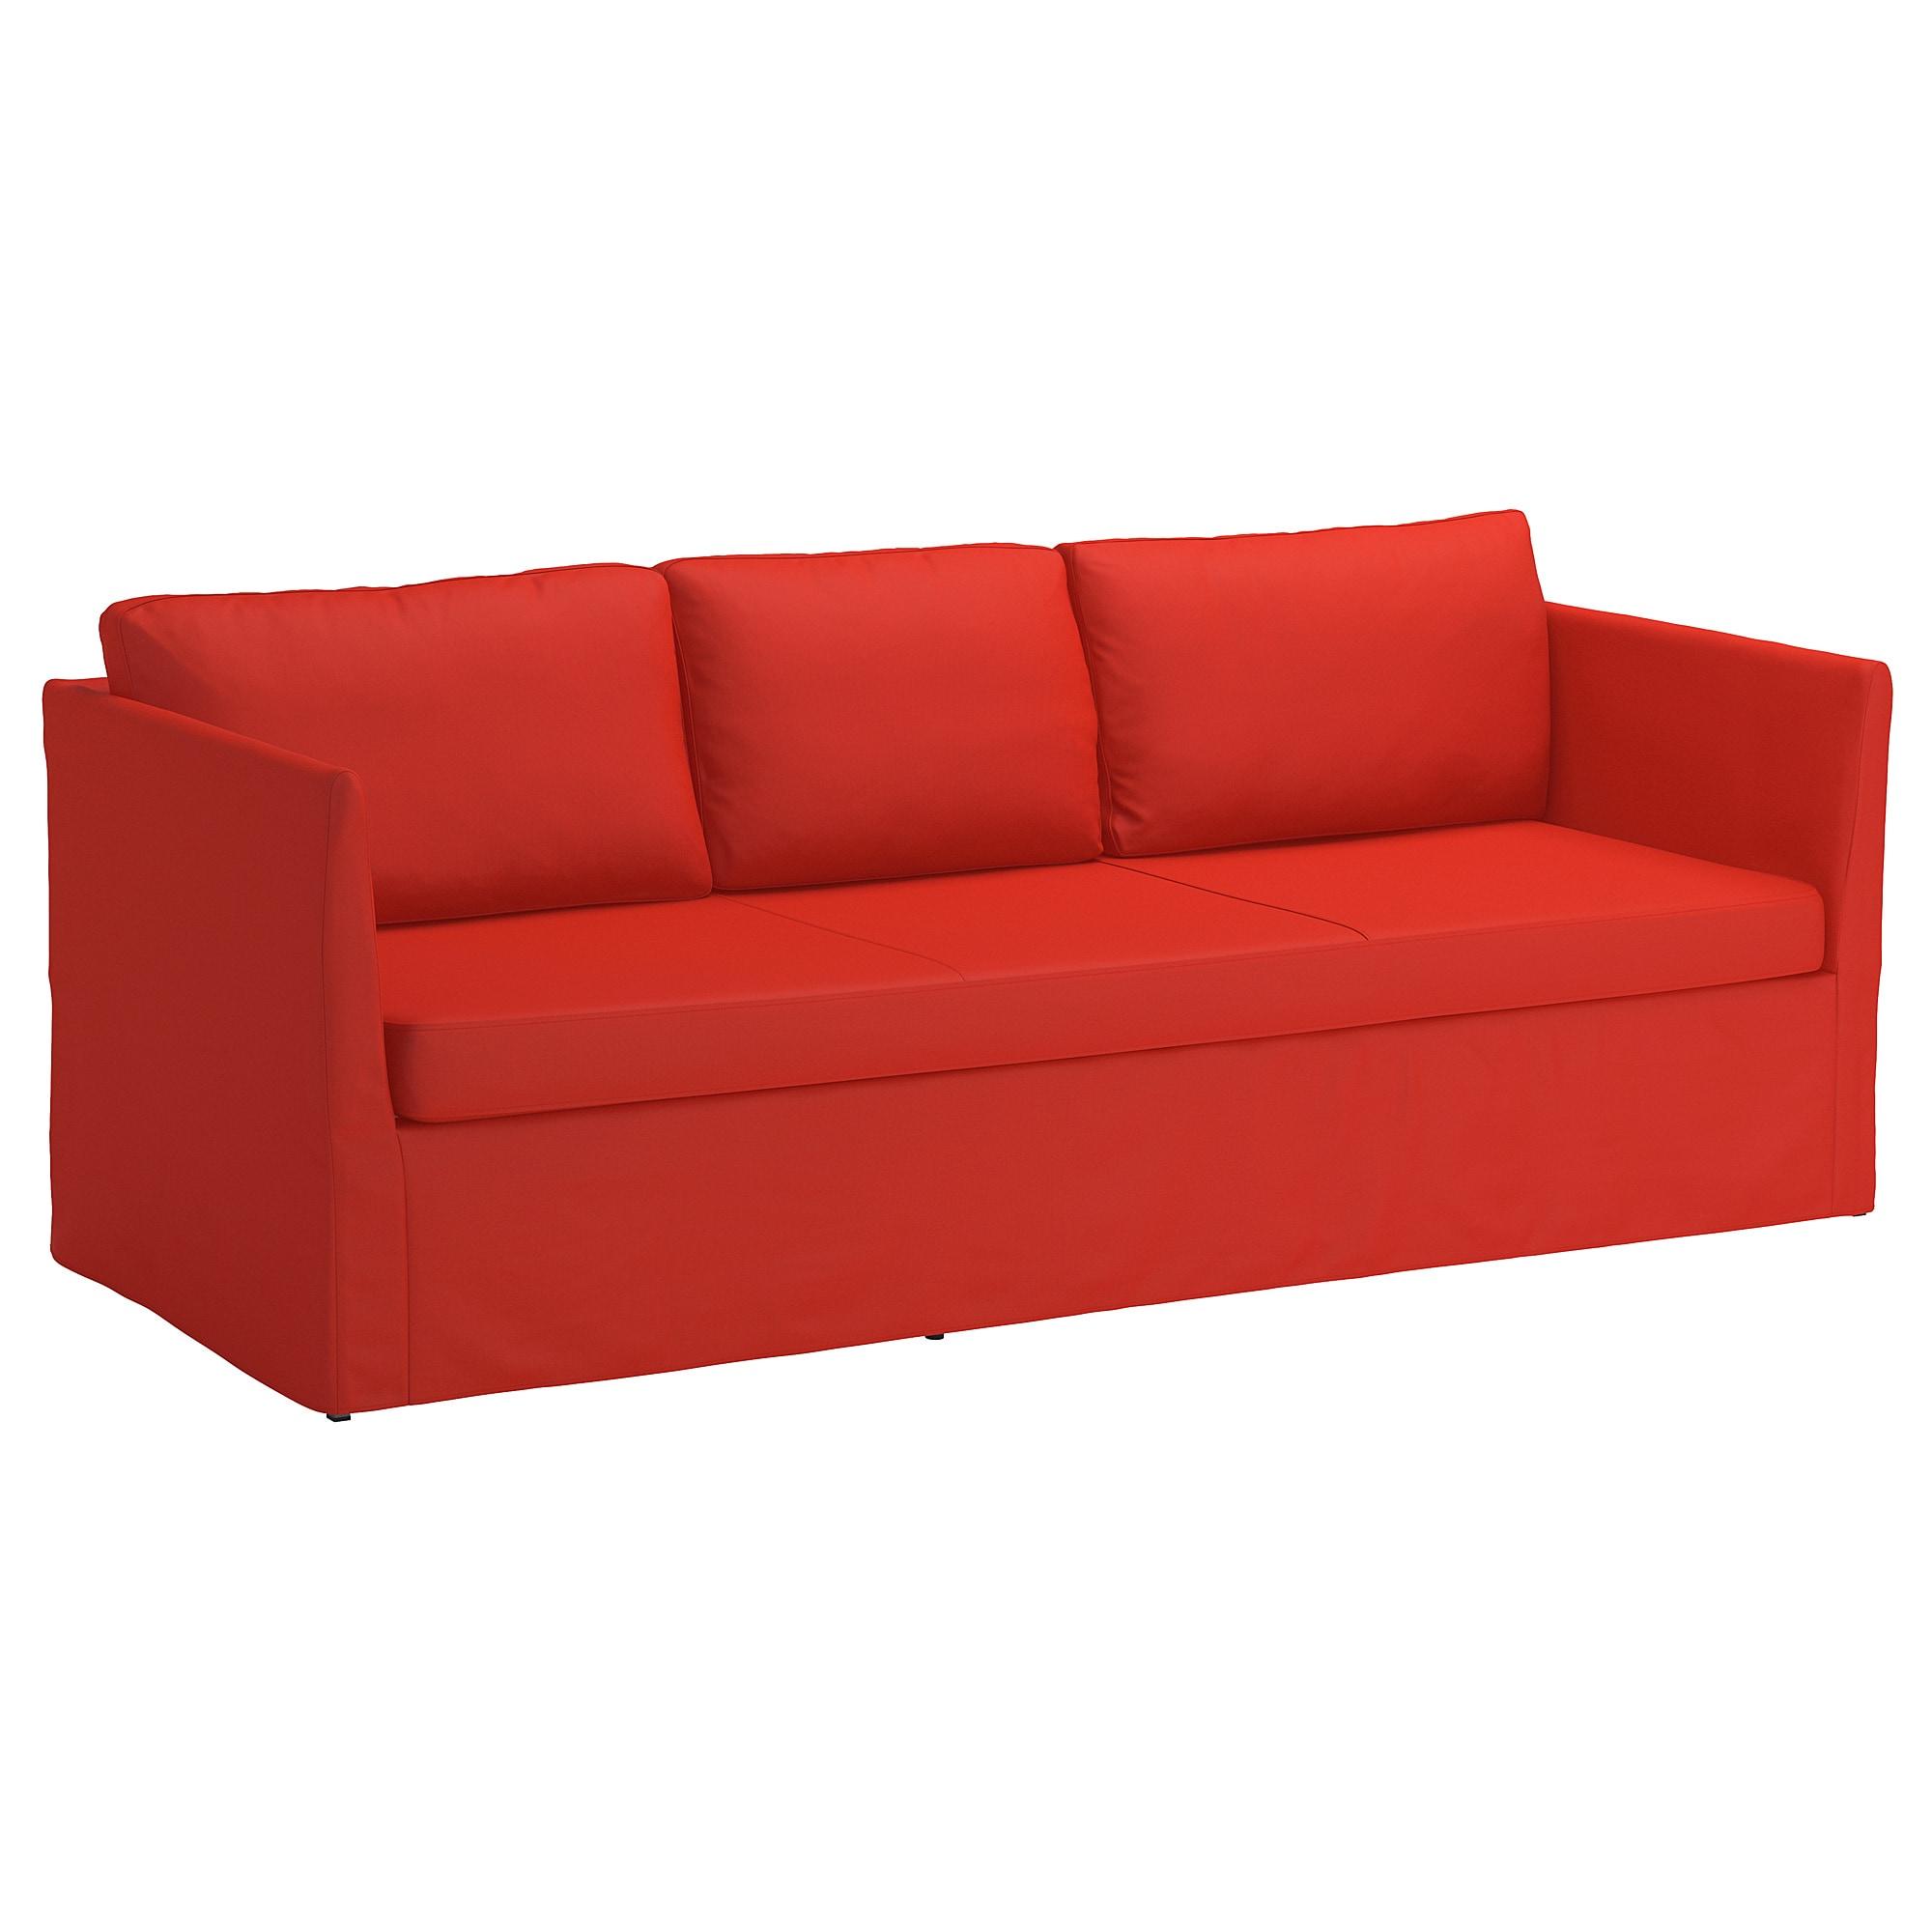 Telas Para Cubrir sofas Ikea Drdp Fundas De sofà Pra Online Ikea